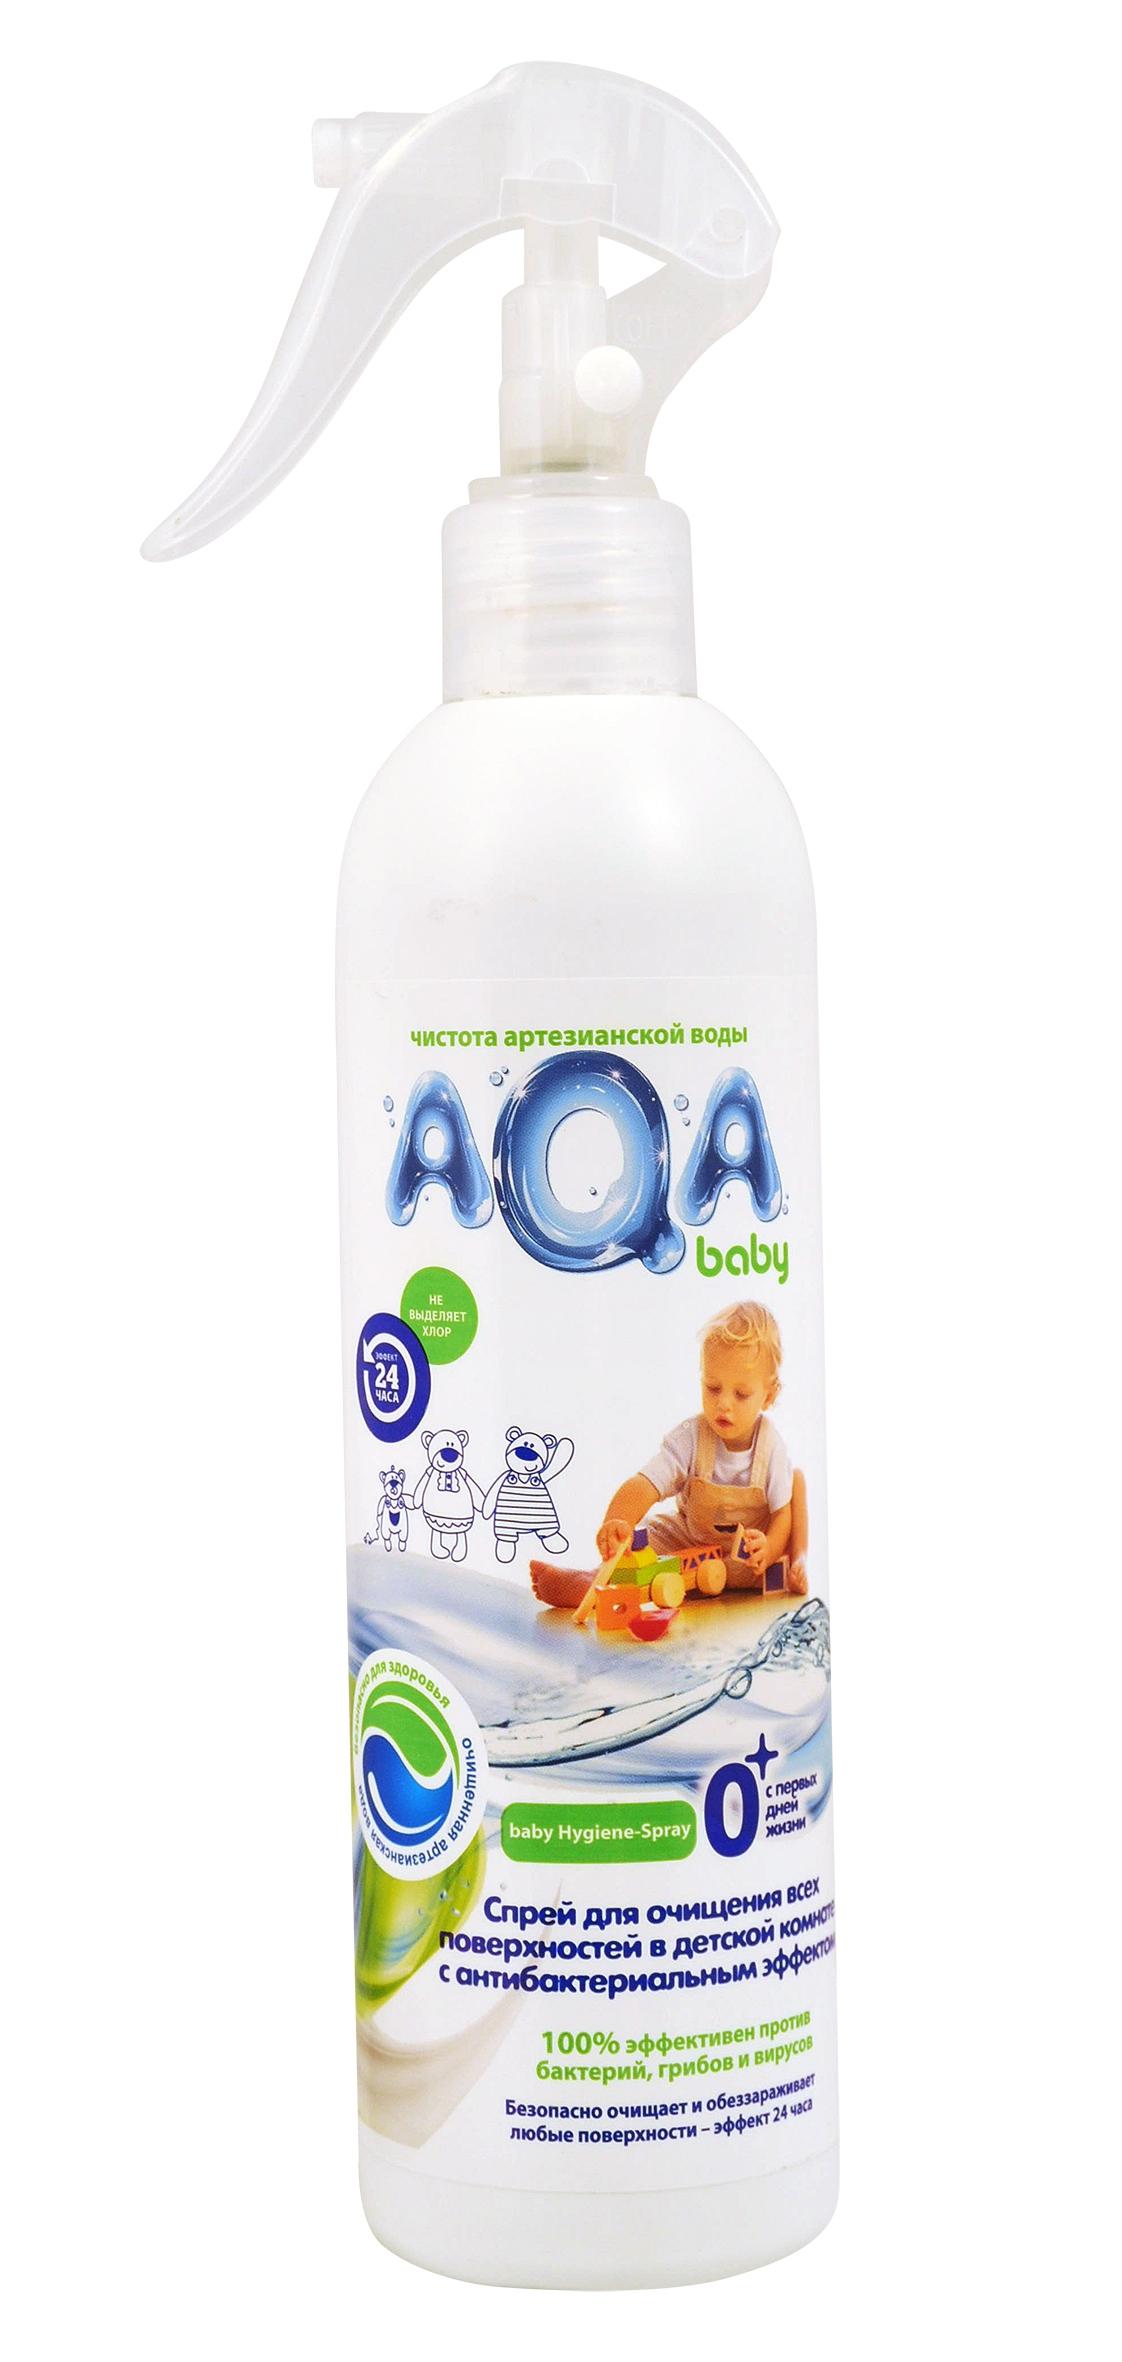 Антибактериальный спрей для очищения всех поверхностей в детской комнате AQA baby AQA baby 300 мл